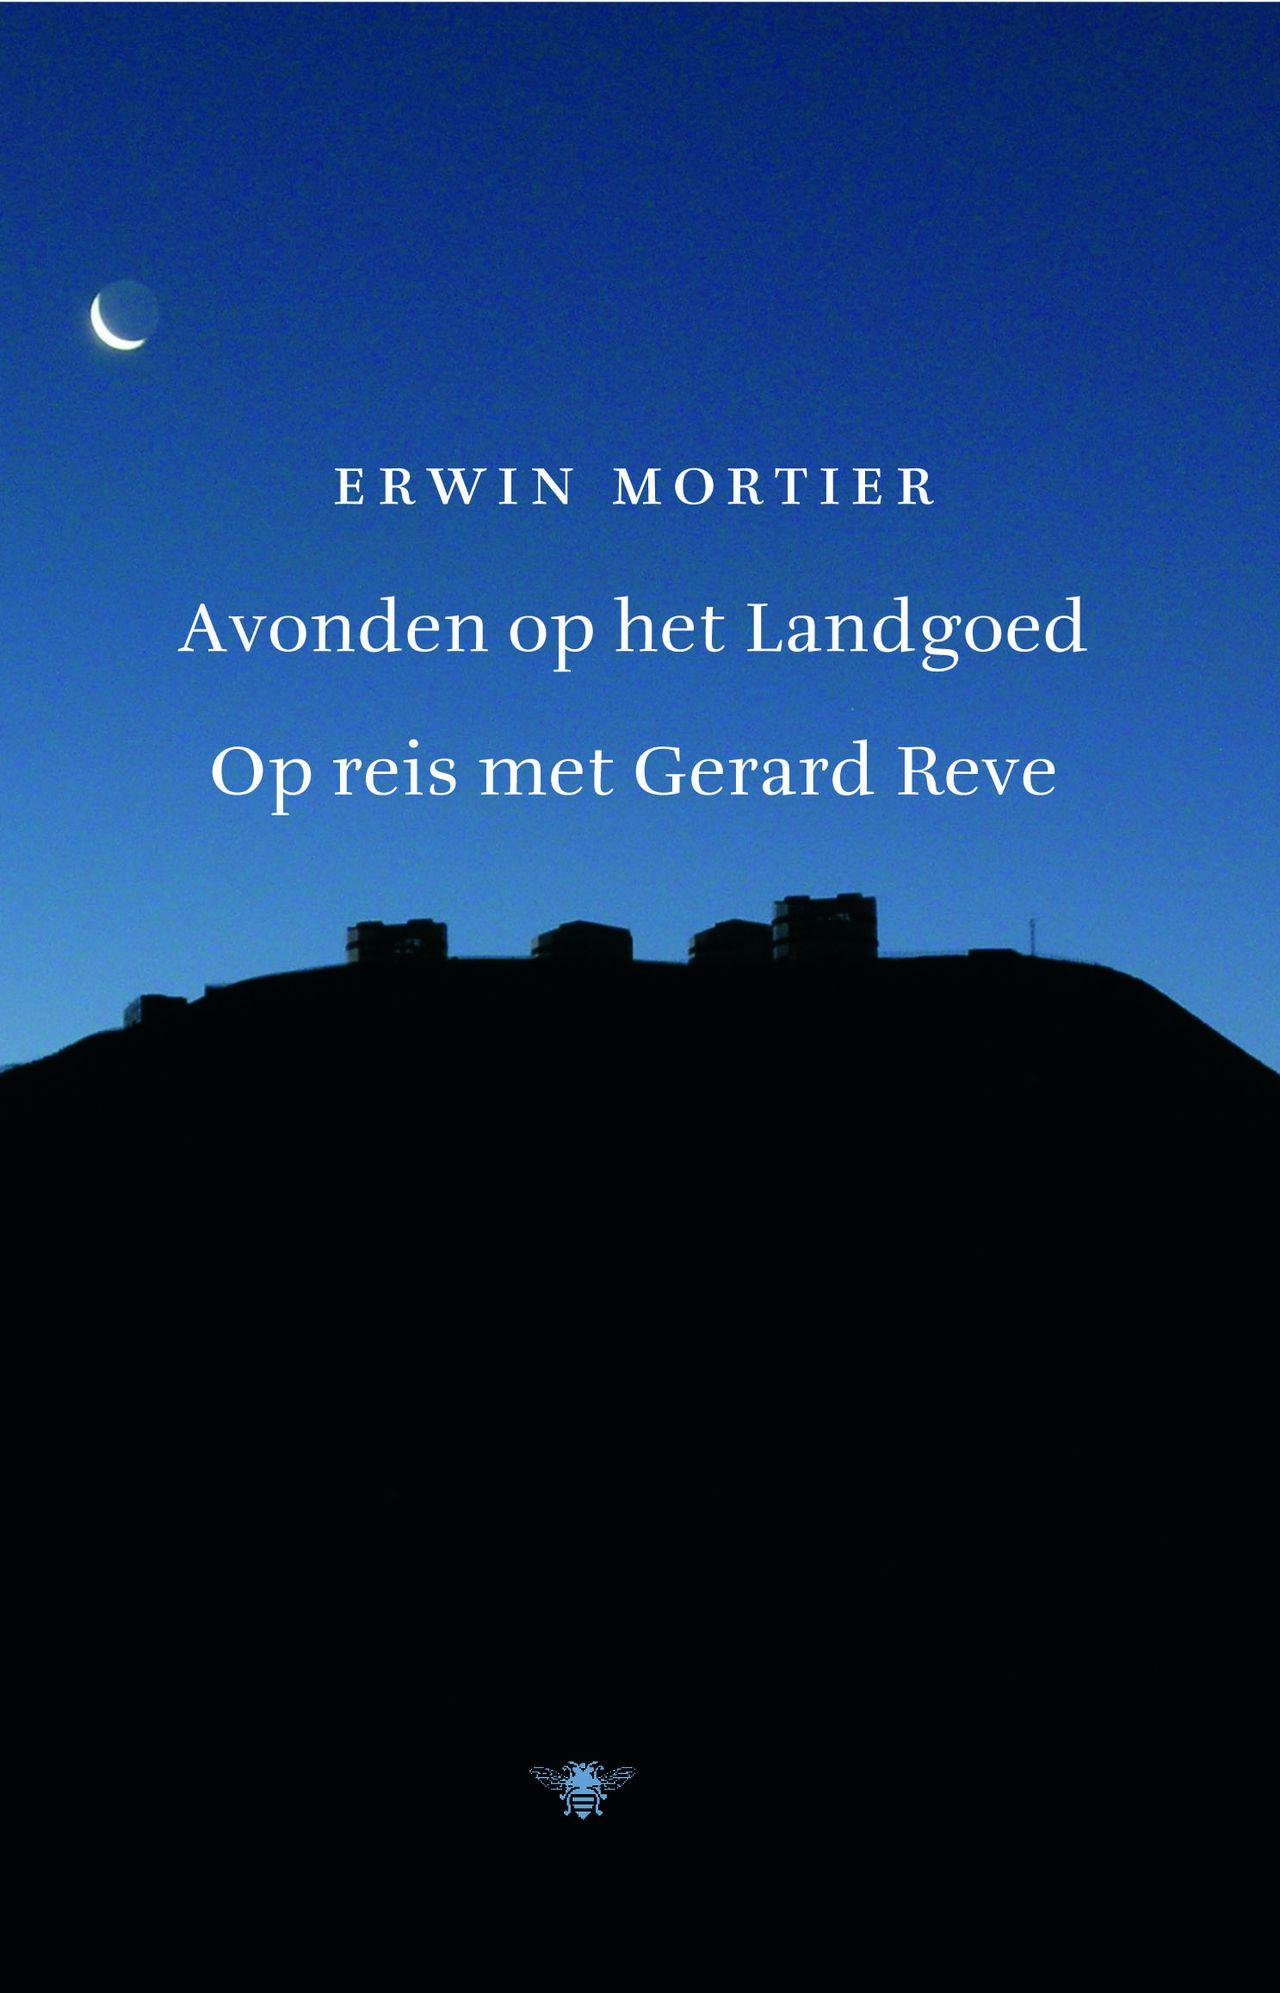 Erwin Mortier: Avonden op het landgoed. Op reis met Gerard Reve. De Bezige Bij. 126 blz. € 15,– Erwin Mortier: Avonden op het landgoed. Op reis met Gerard Reve.De Bezige Bij. 126 blz. € 15,– **---